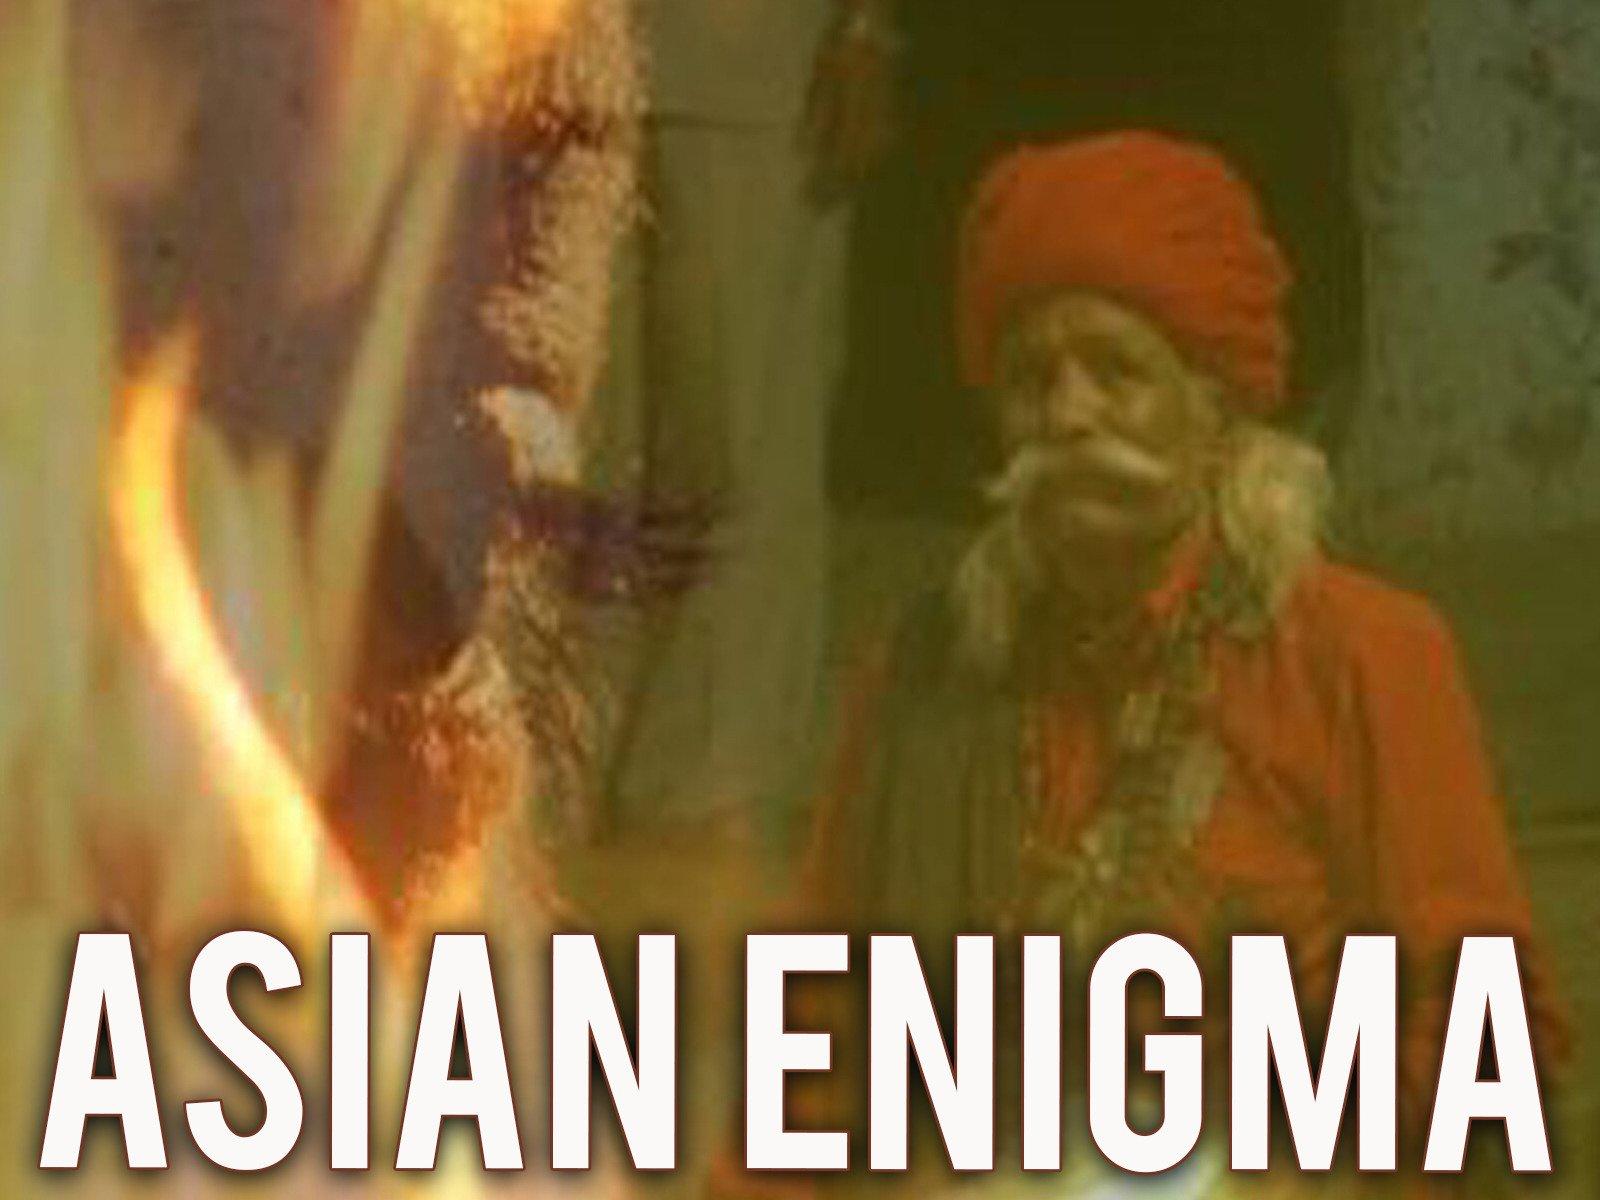 Asian Enigma - Season 1